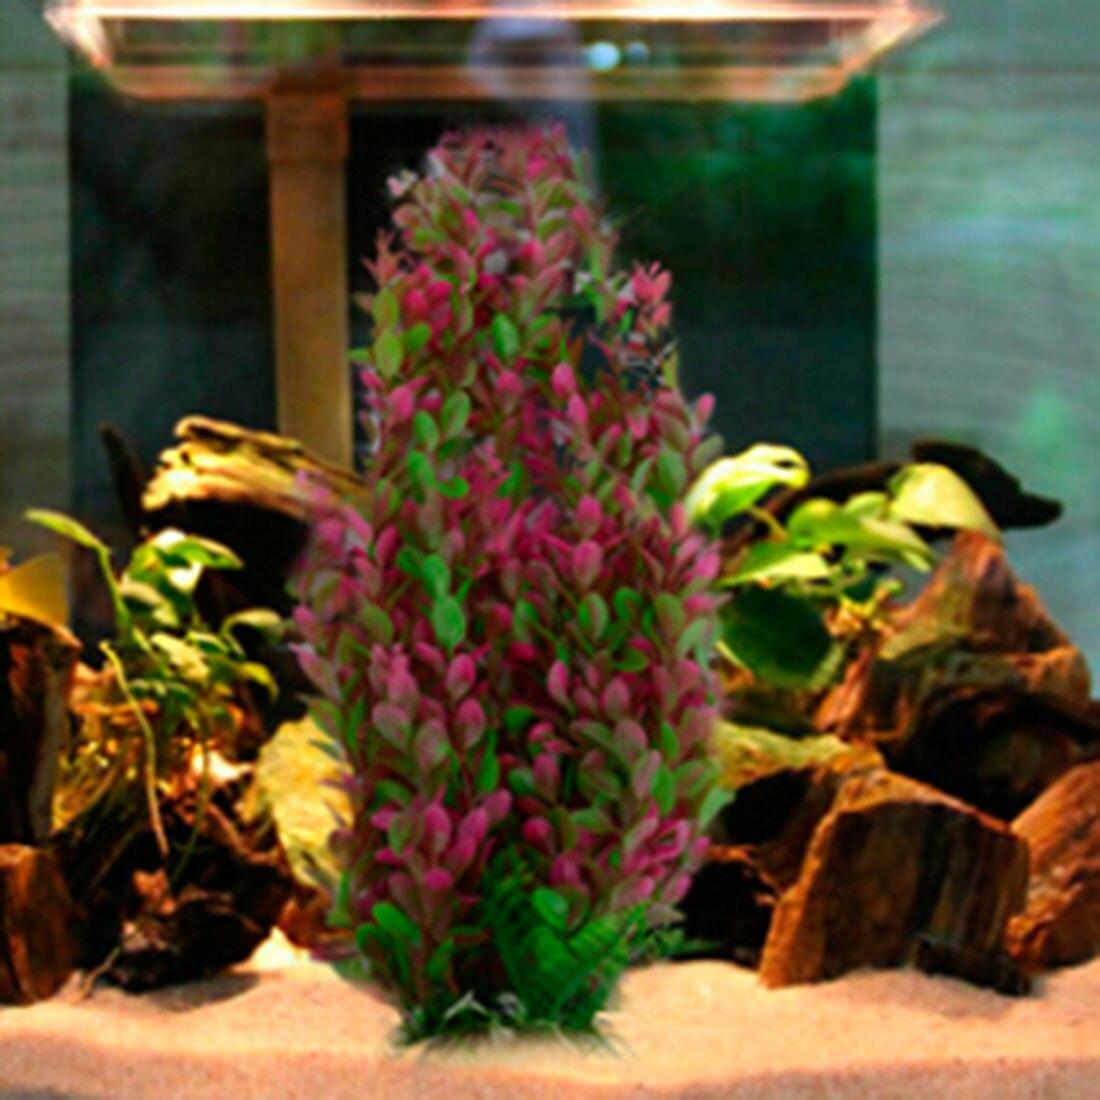 Fish aquarium sale in qatar - Underwater 46cm Water Plant Aquarium Fish Tank Ornament Simulation Plastic Decoration China Mainland